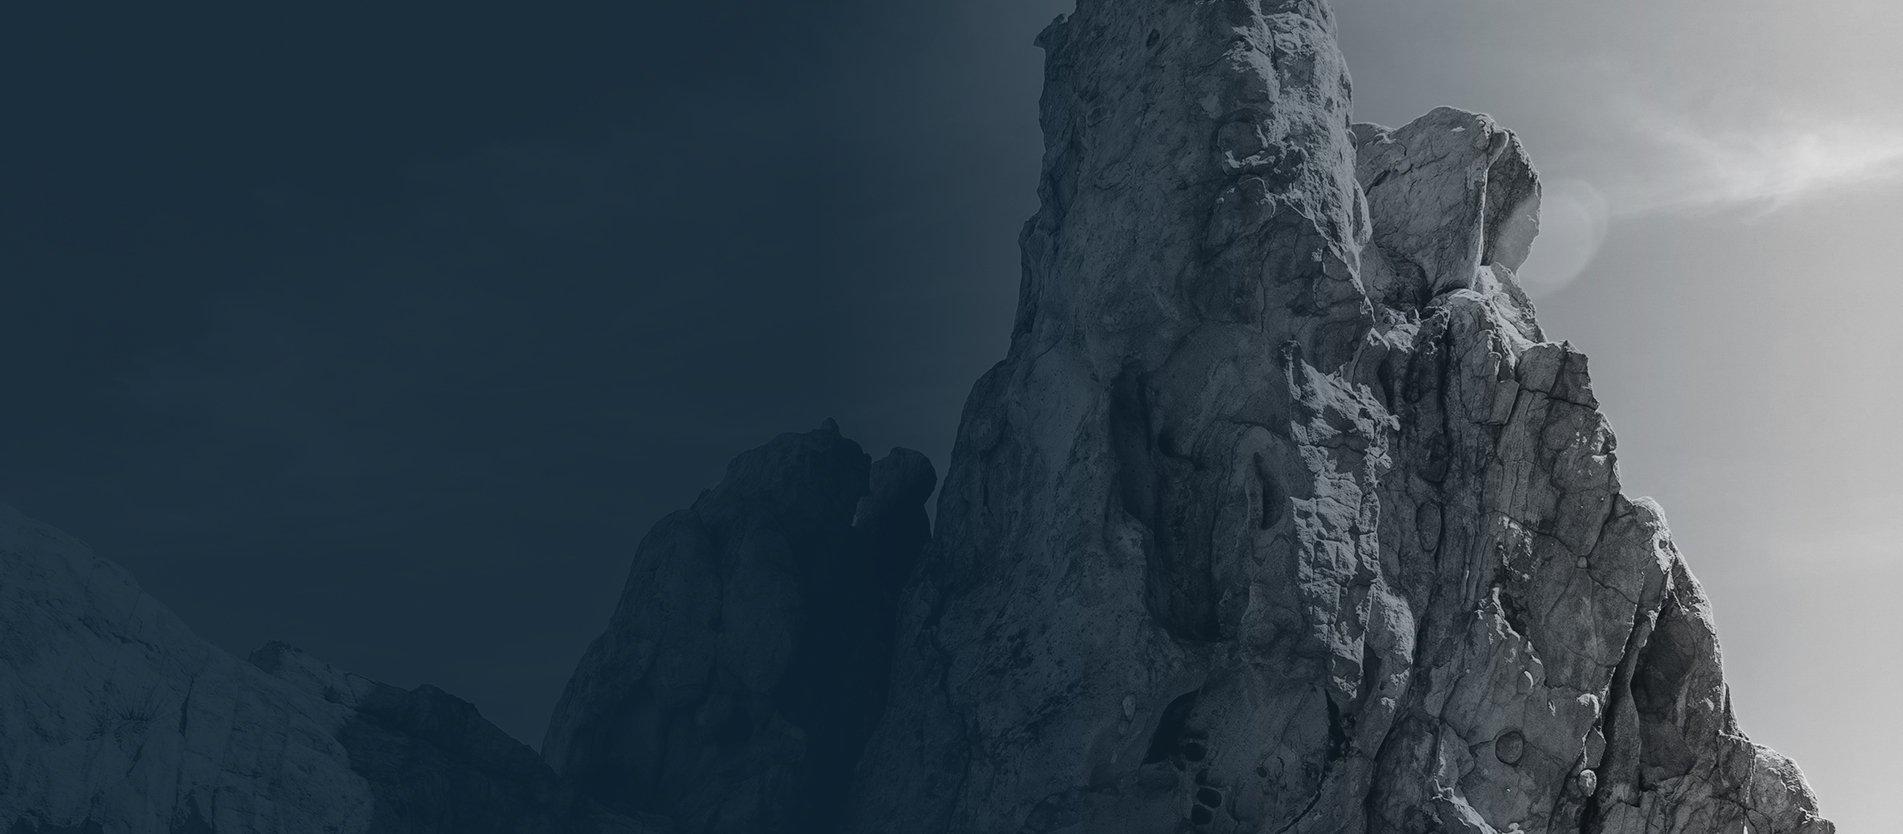 hiking-dark